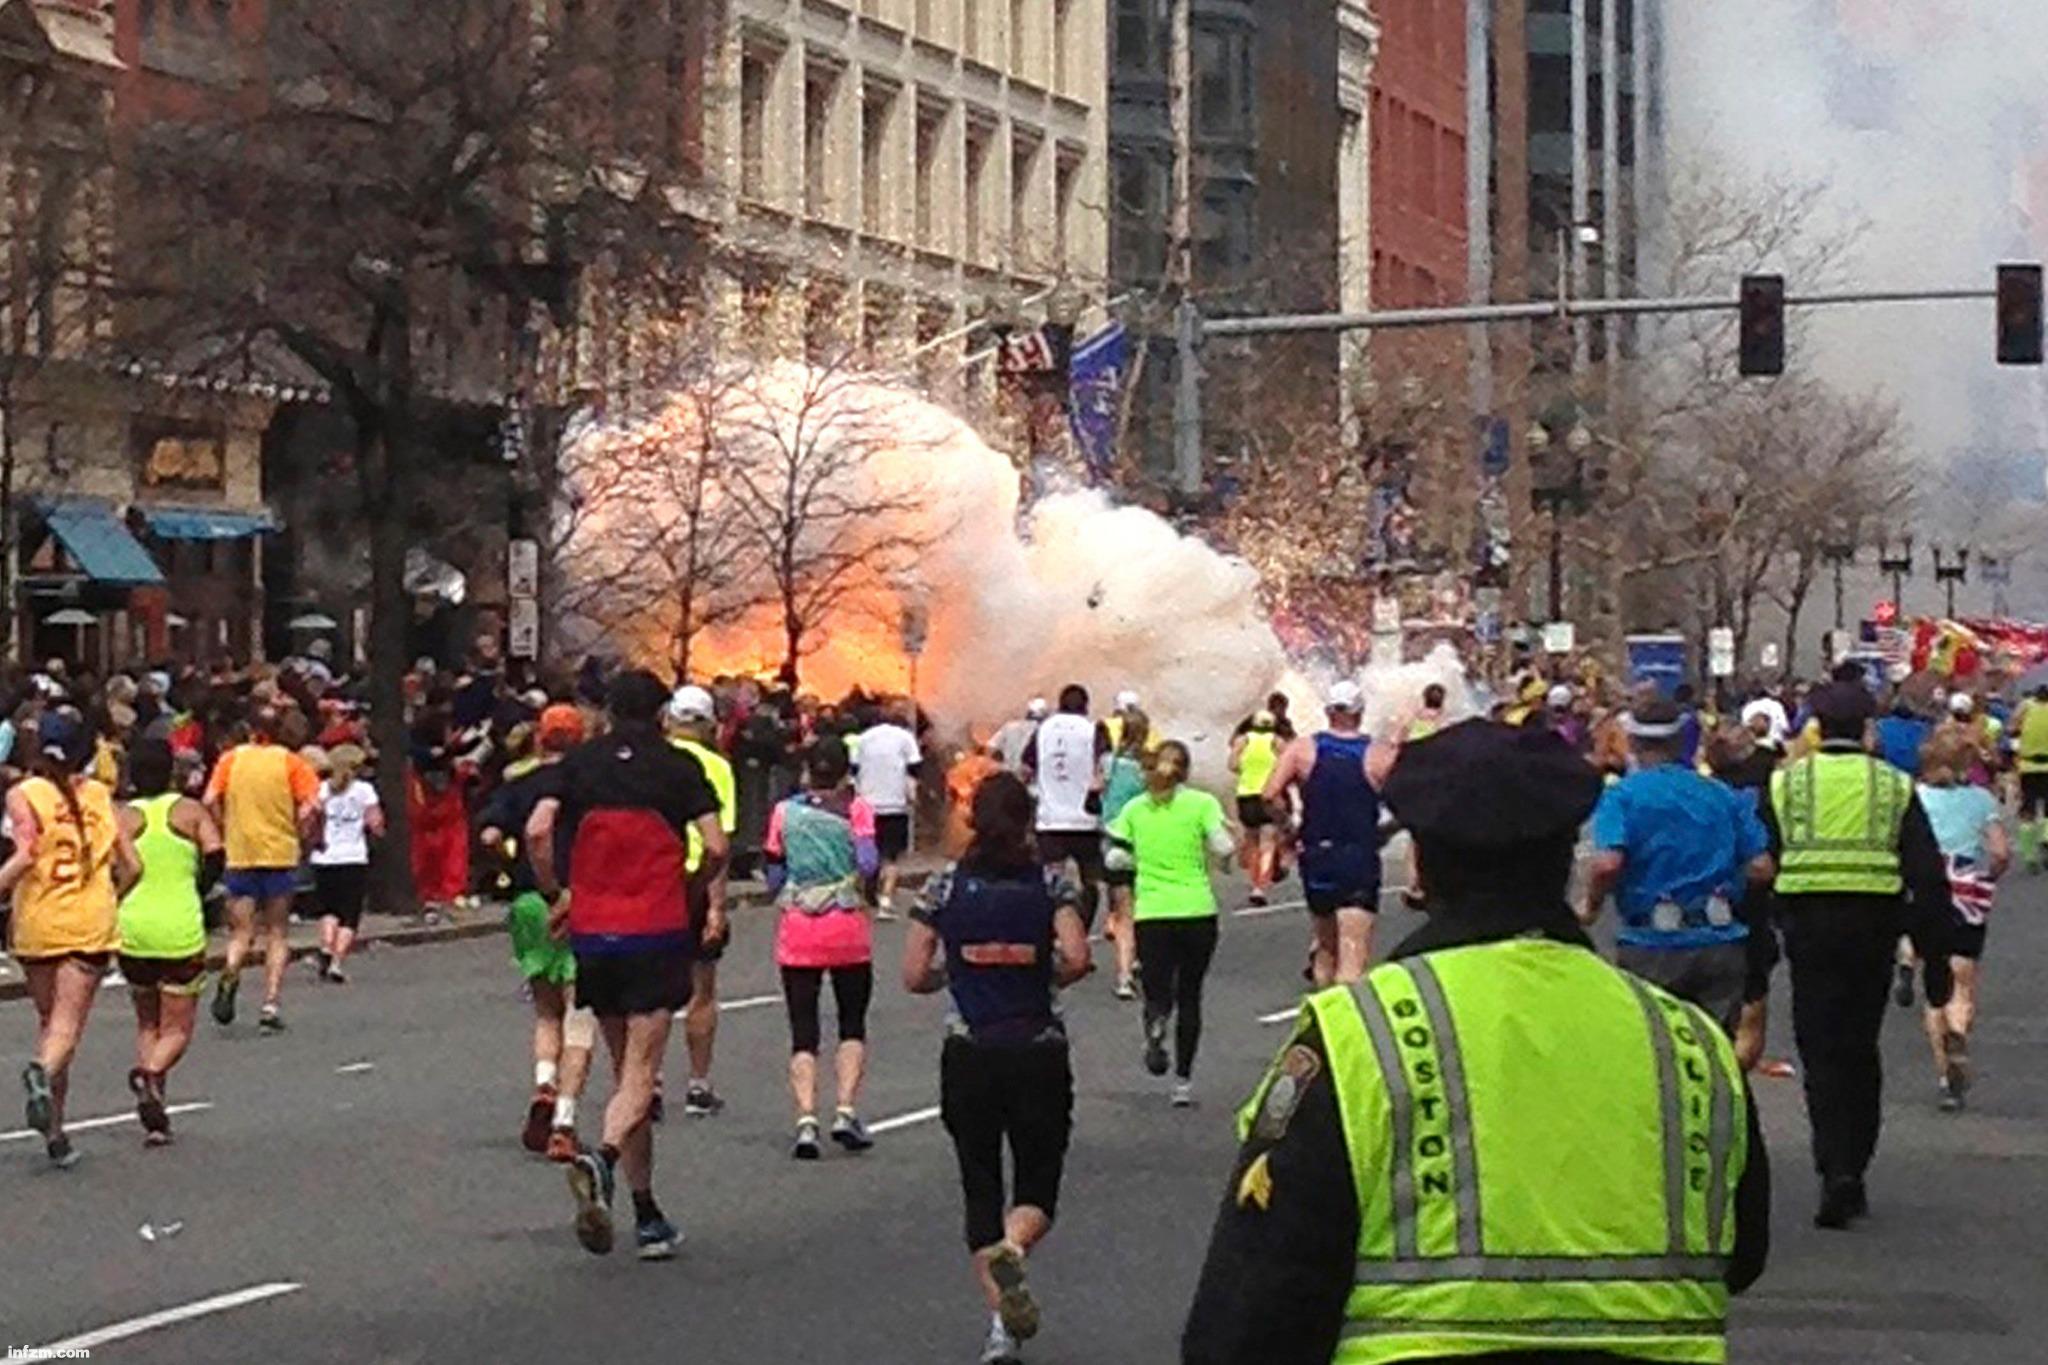 配图-波士顿发生爆炸恐怖袭击3人死亡